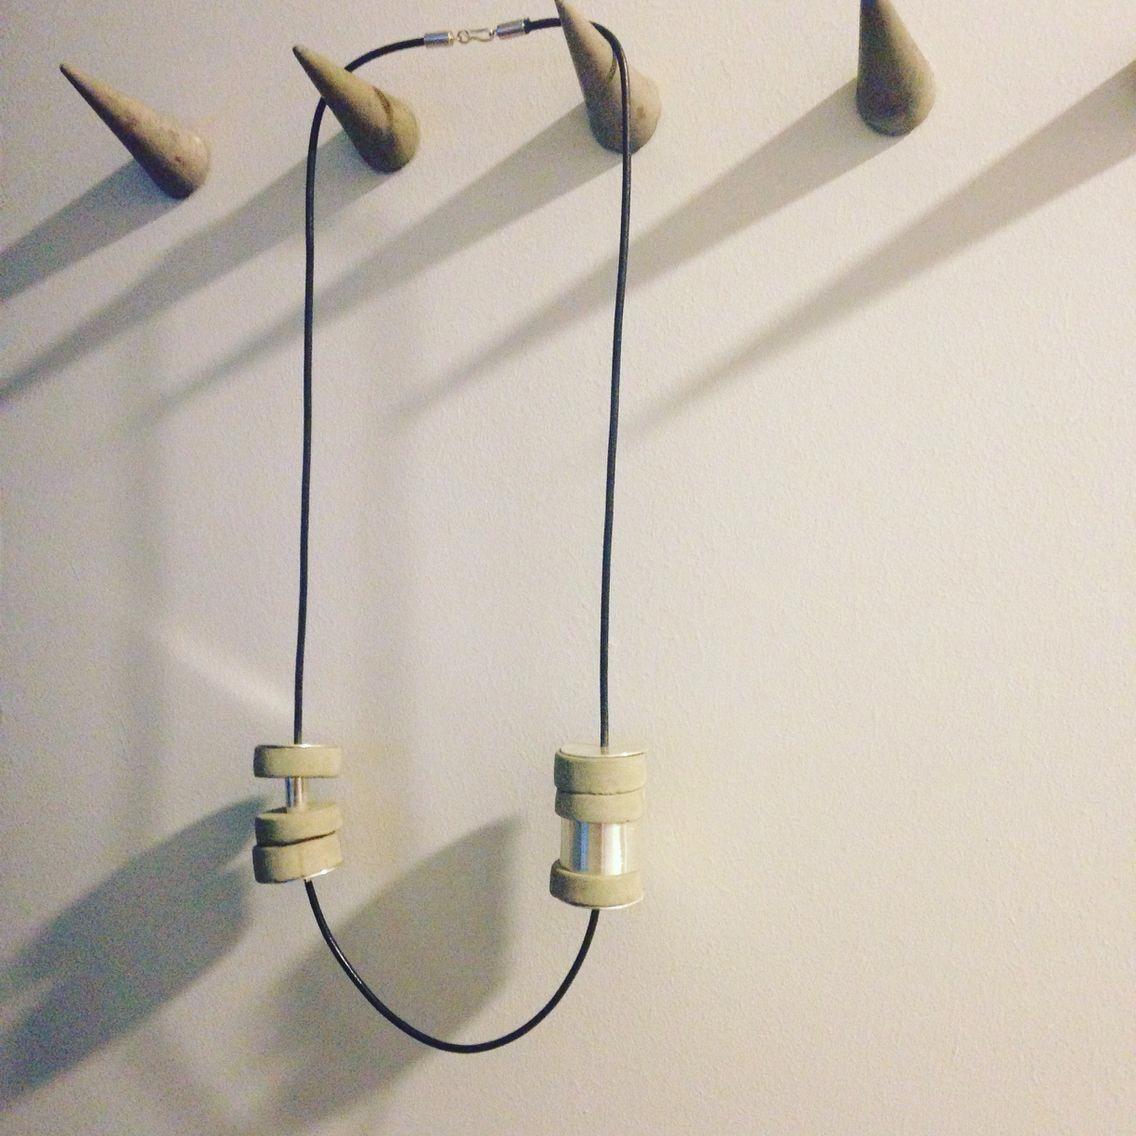 Concrete Love Concrete Silver Necklace Handmade Jewelry Design